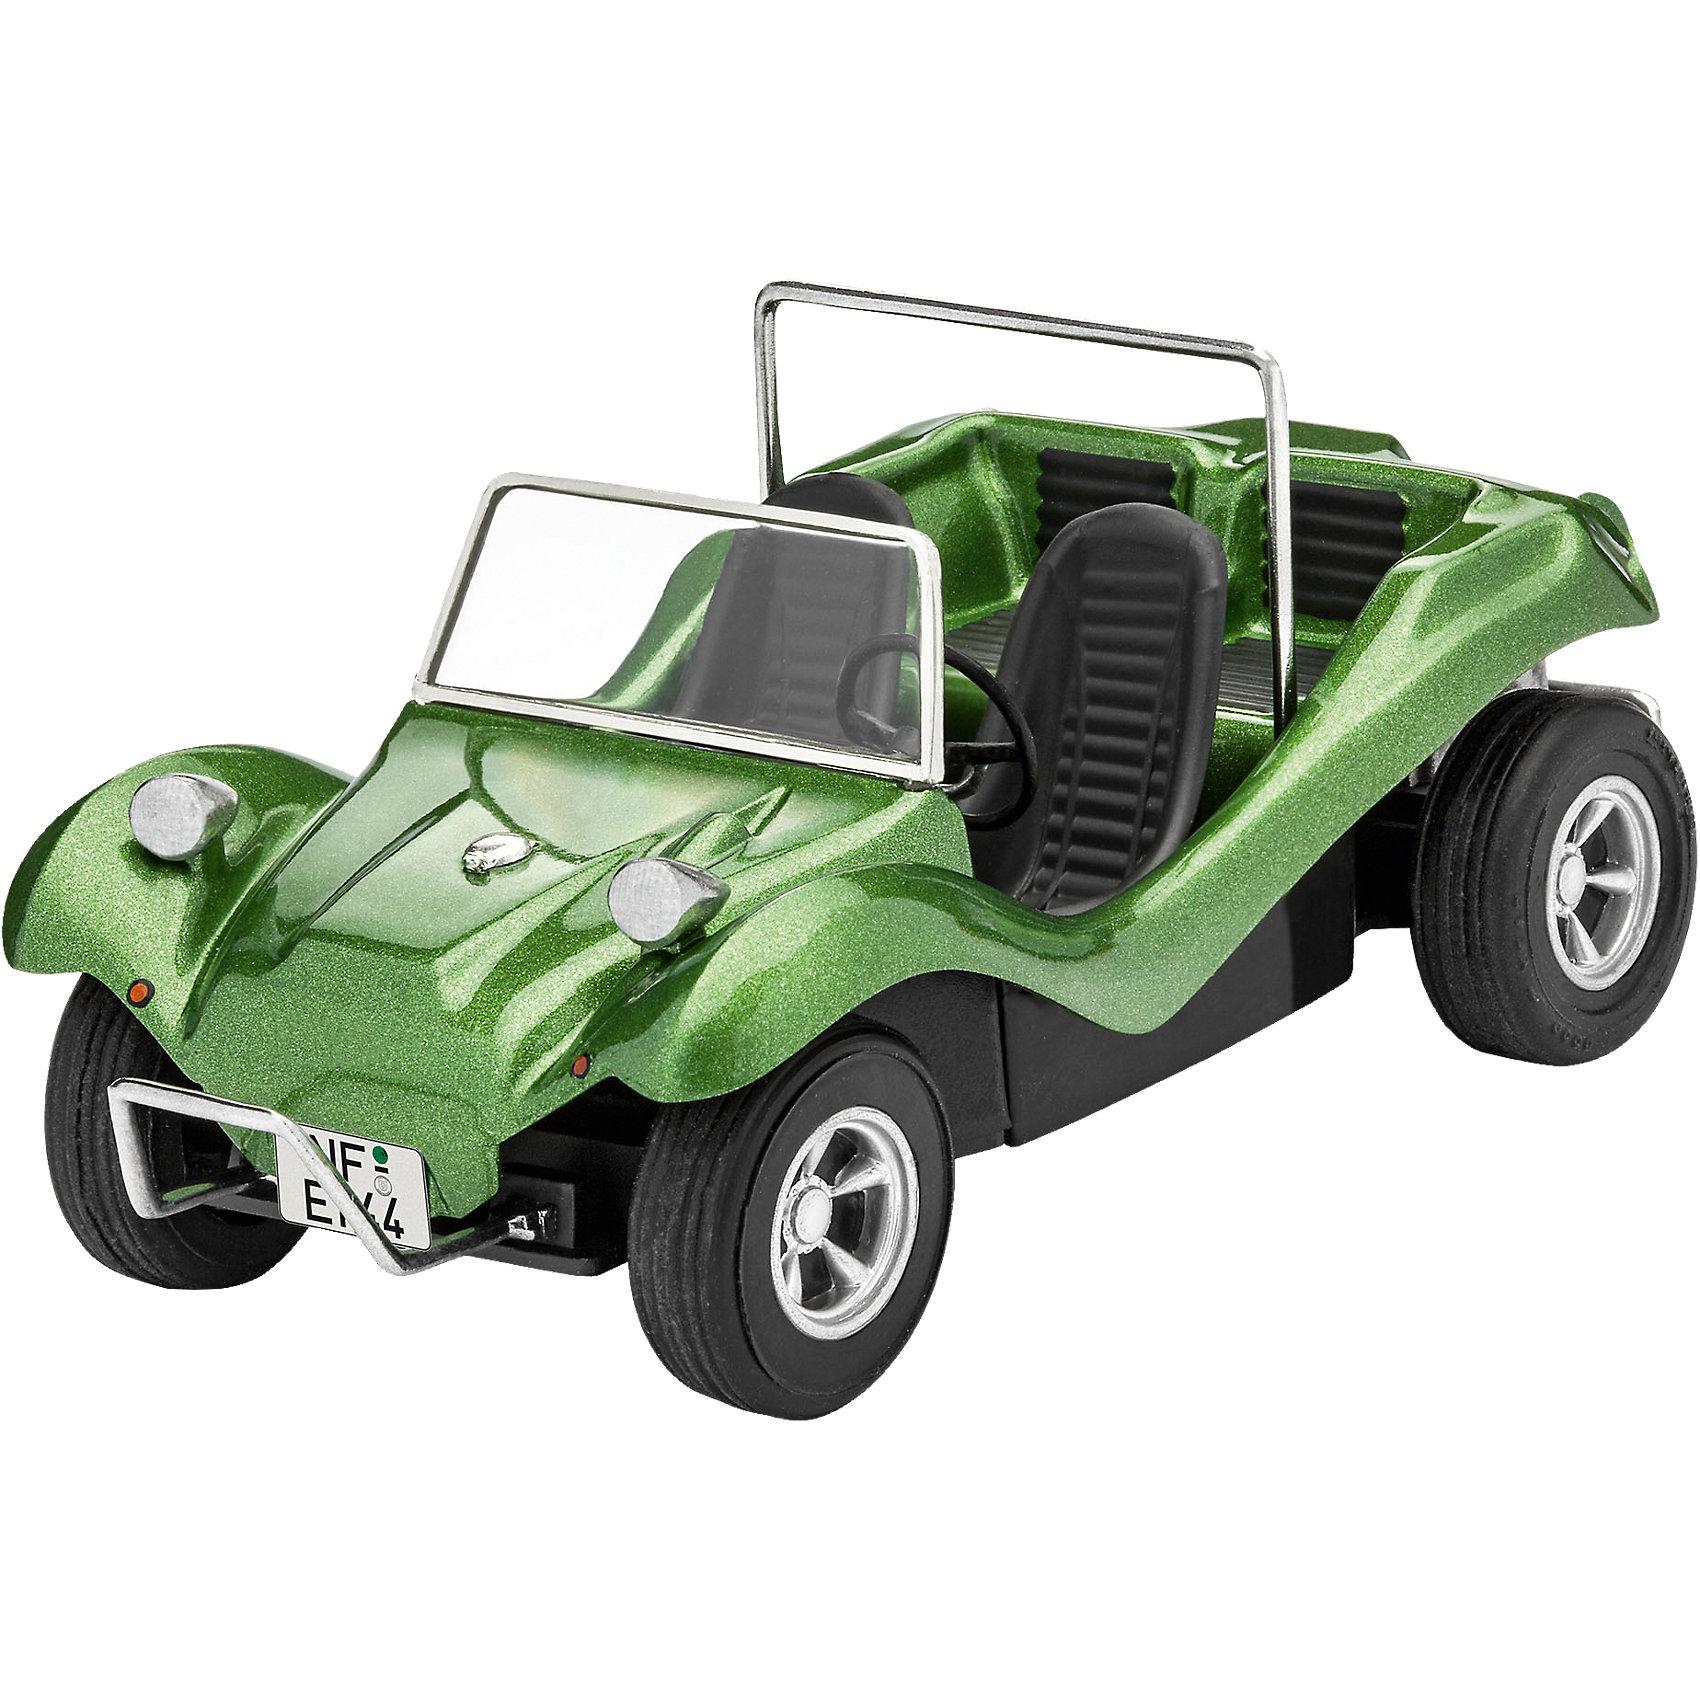 Автомобиль VW BuggyМодели для склеивания<br>Характеристики товара:<br><br>• возраст: от 4 лет;<br>• цвет: зеленый;<br>• масштаб: 1:32;<br>• количество деталей: 22шт;<br>• материал: пластик; <br>• клей и краски в комплект не входят;<br>• длина модели: 11,5 см;<br>• бренд, страна бренда: Revell (Ревел),Германия;<br>• страна-изготовитель: Германия.<br><br>Сборная модель «Автомобиль  VW Buggy» поможет вам и вашему ребенку придумать увлекательное занятие на долгое время и получить хорошую игрушку.<br><br>Набор состоит из 22 пластиковых деталей, 4 резиновых шины и наклейки. Элегантная машинка, которая получается в результате сборки, сочетает в себе современные формы с ретро стилем. <br><br>Процесс сборки развивает интеллектуальные и инструментальные способности, воображение и конструктивное мышление, а также прививает практические навыки работы со схемами и чертежами. <br><br>Обращаем ваше внимание на тот факт, что для сборки этой модели клей, кисточки и краски в комплект не входят. <br><br>Сборную модель для склеивания «Автомобиль  VW Buggy», 22 дет., Revell (Ревел) можно купить в нашем интернет-магазине.<br><br>Ширина мм: 316<br>Глубина мм: 184<br>Высота мм: 50<br>Вес г: 152<br>Возраст от месяцев: 120<br>Возраст до месяцев: 168<br>Пол: Мужской<br>Возраст: Детский<br>SKU: 5311348